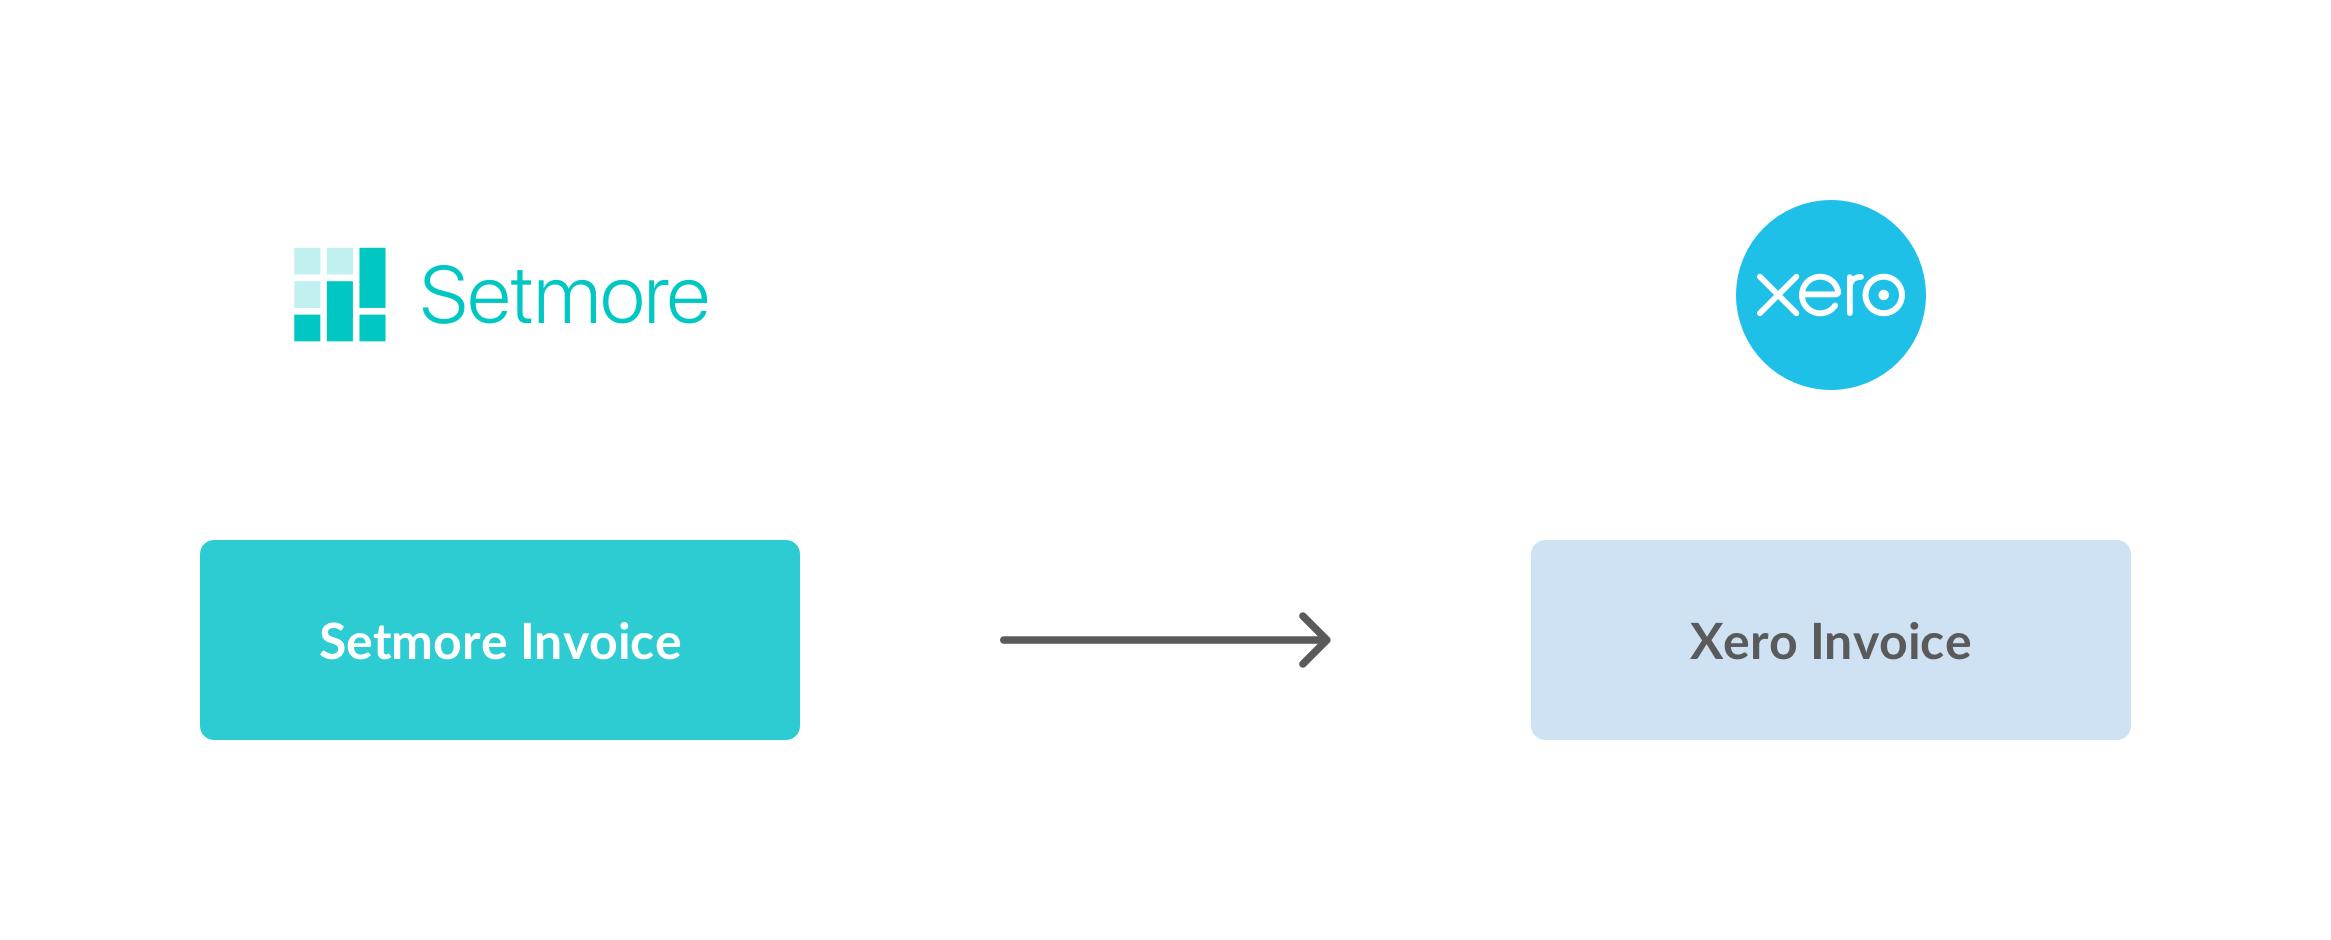 The Setmore Xero data flow diagram